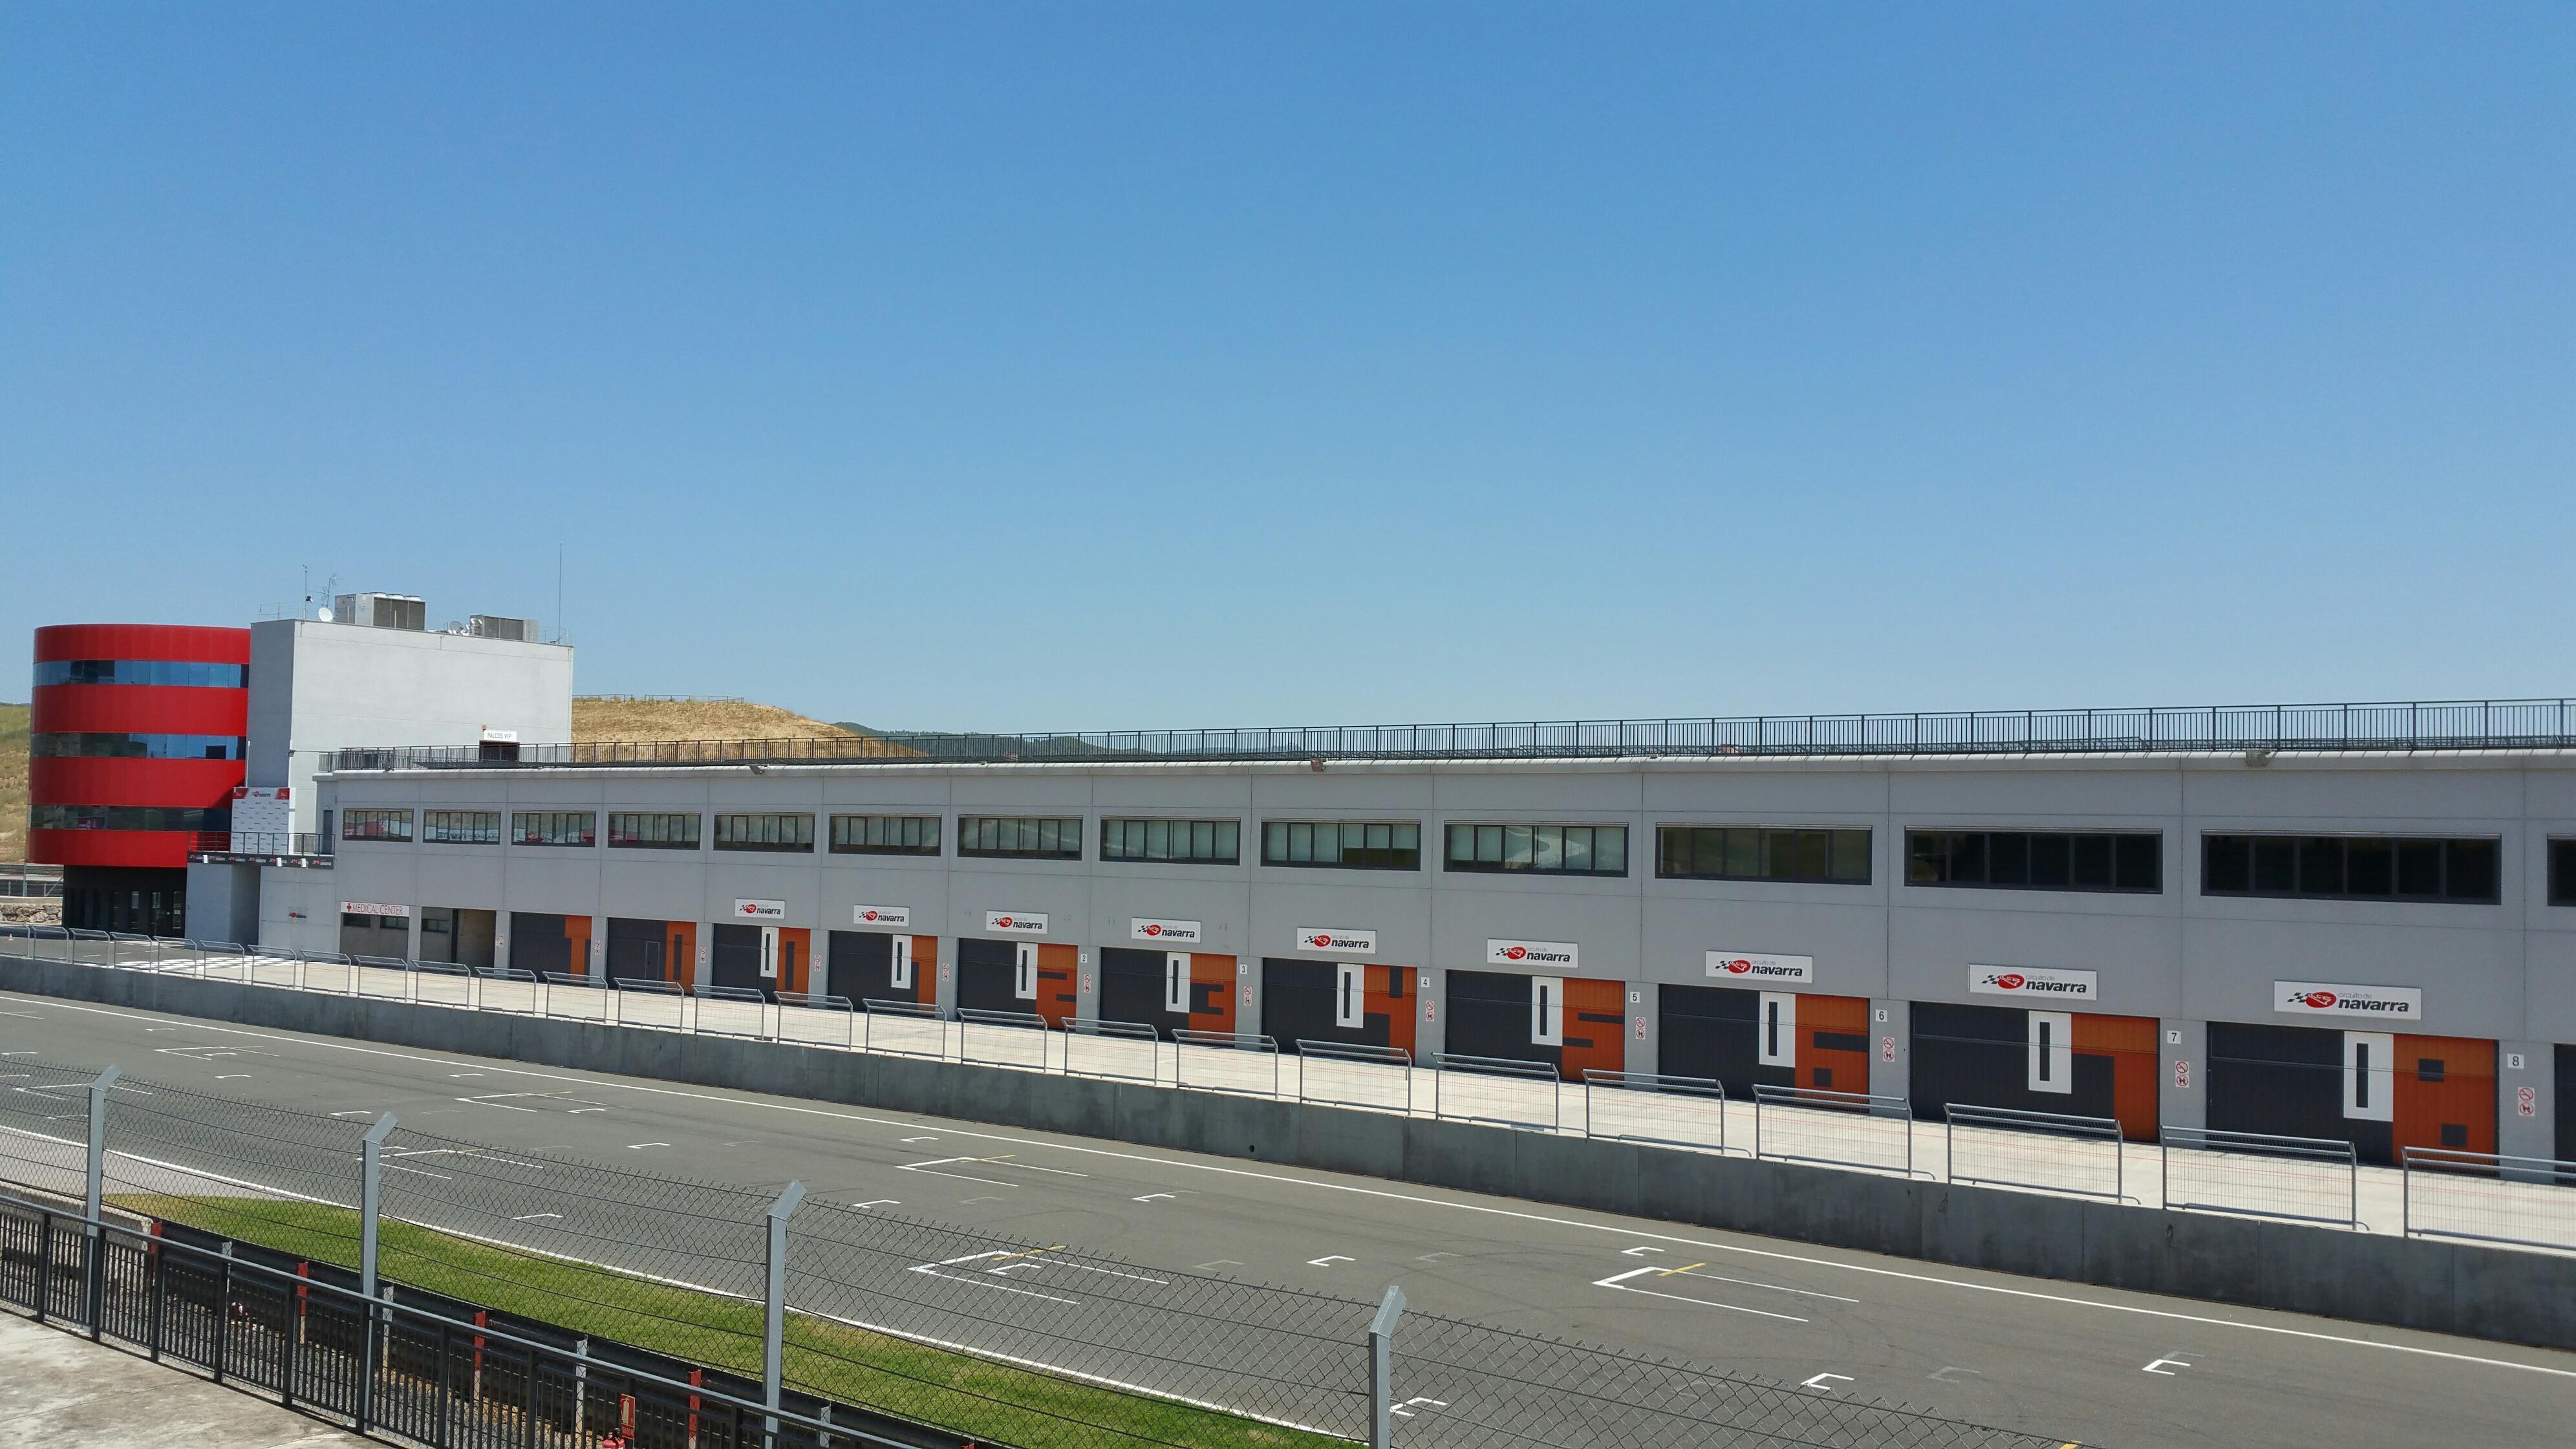 Circuito Navarra : Pista de karting del circuito de navarra uno de los mejores